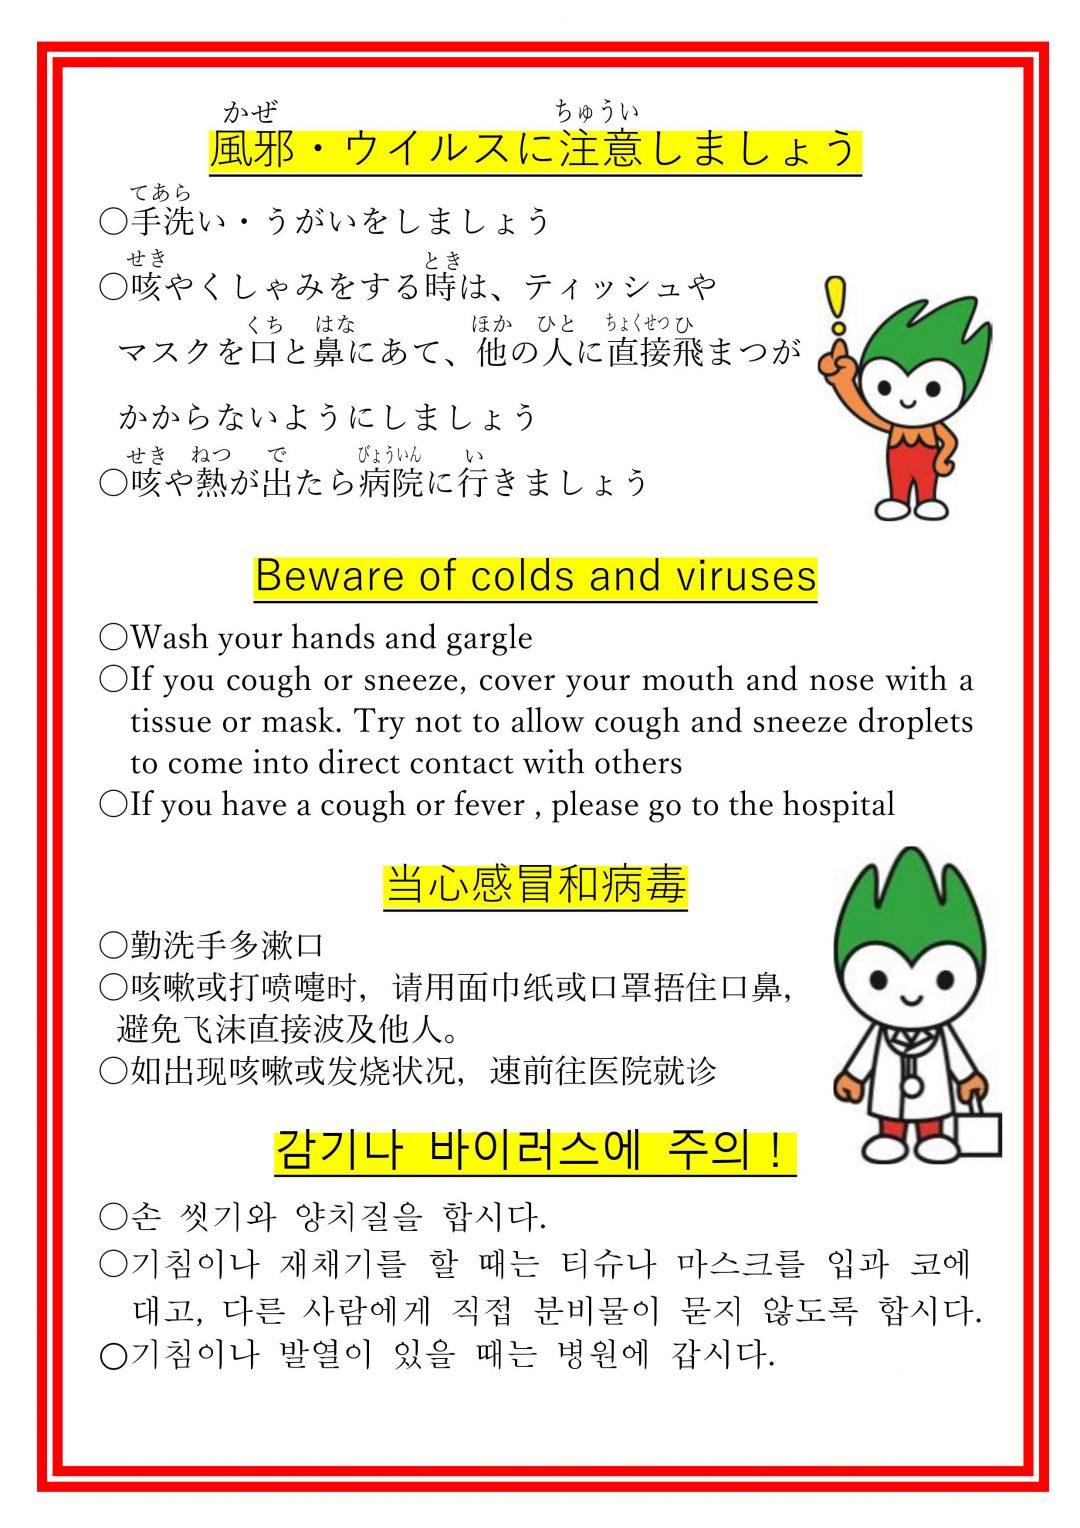 画像:風邪(かぜ)・ウイルスに注意(ちゅうい)しましょう/Beware of colds and viruses/当心感冒和病毒/감기나 바이러스에 주의!/Chú ý cảm cúm và virus/Mag-ingat Sakit at sa Virus